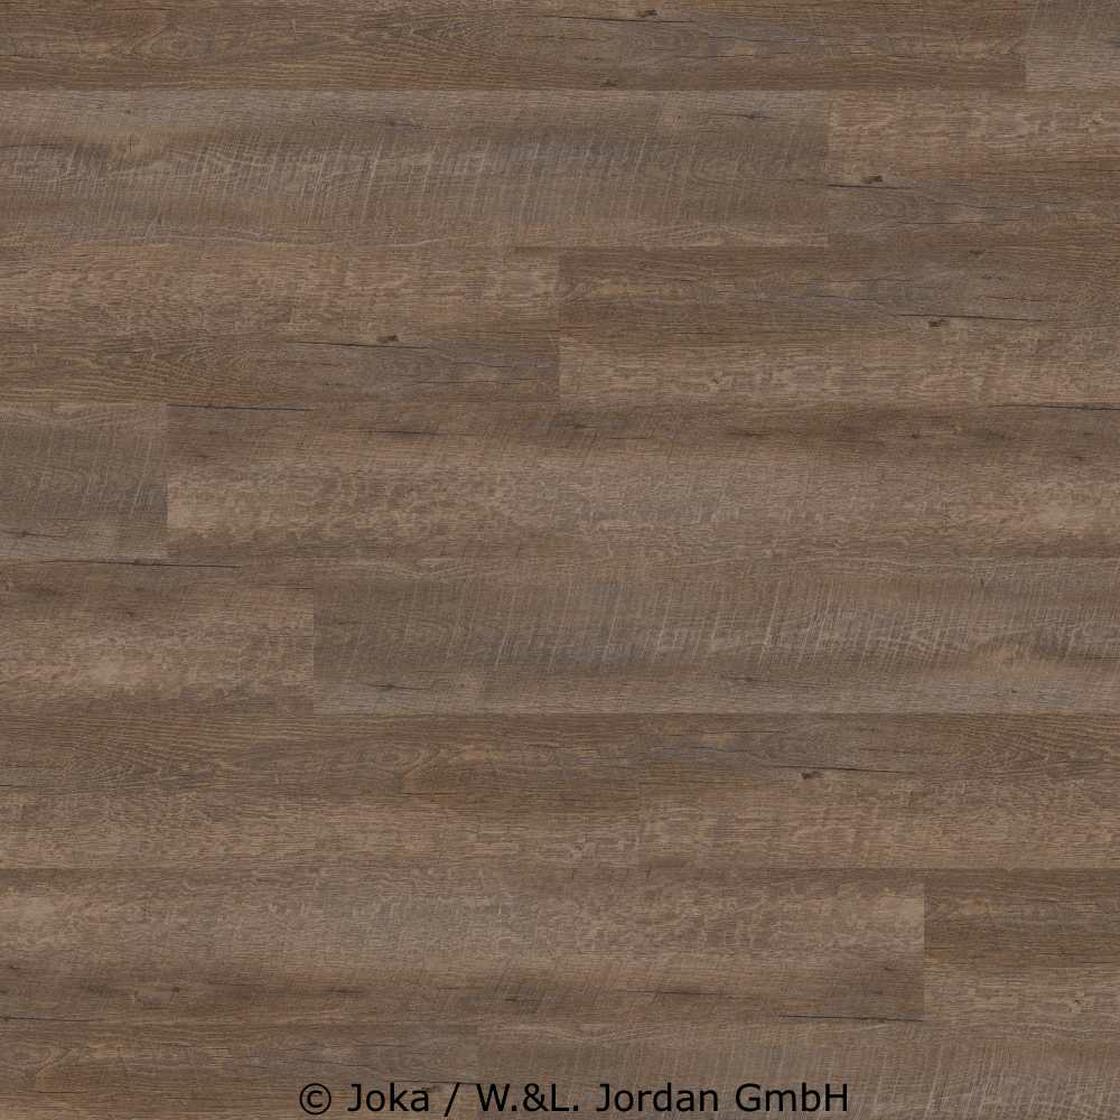 joka classic design 555 click - misty oak 410 klick-vinylboden